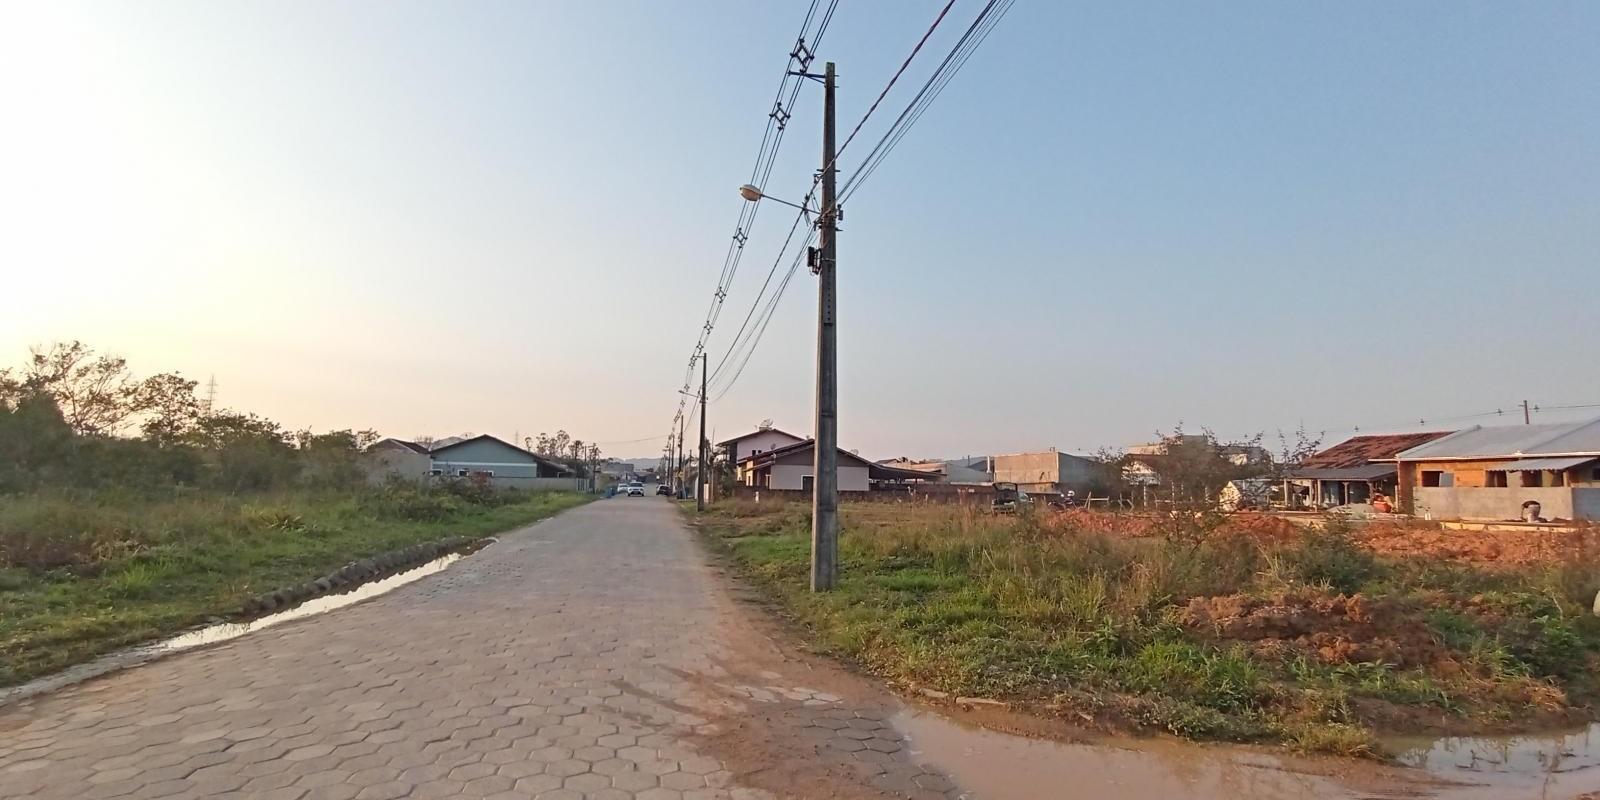 Amplo Terreno de Esquina no Loteamento Primavera - Foto 2 de 4